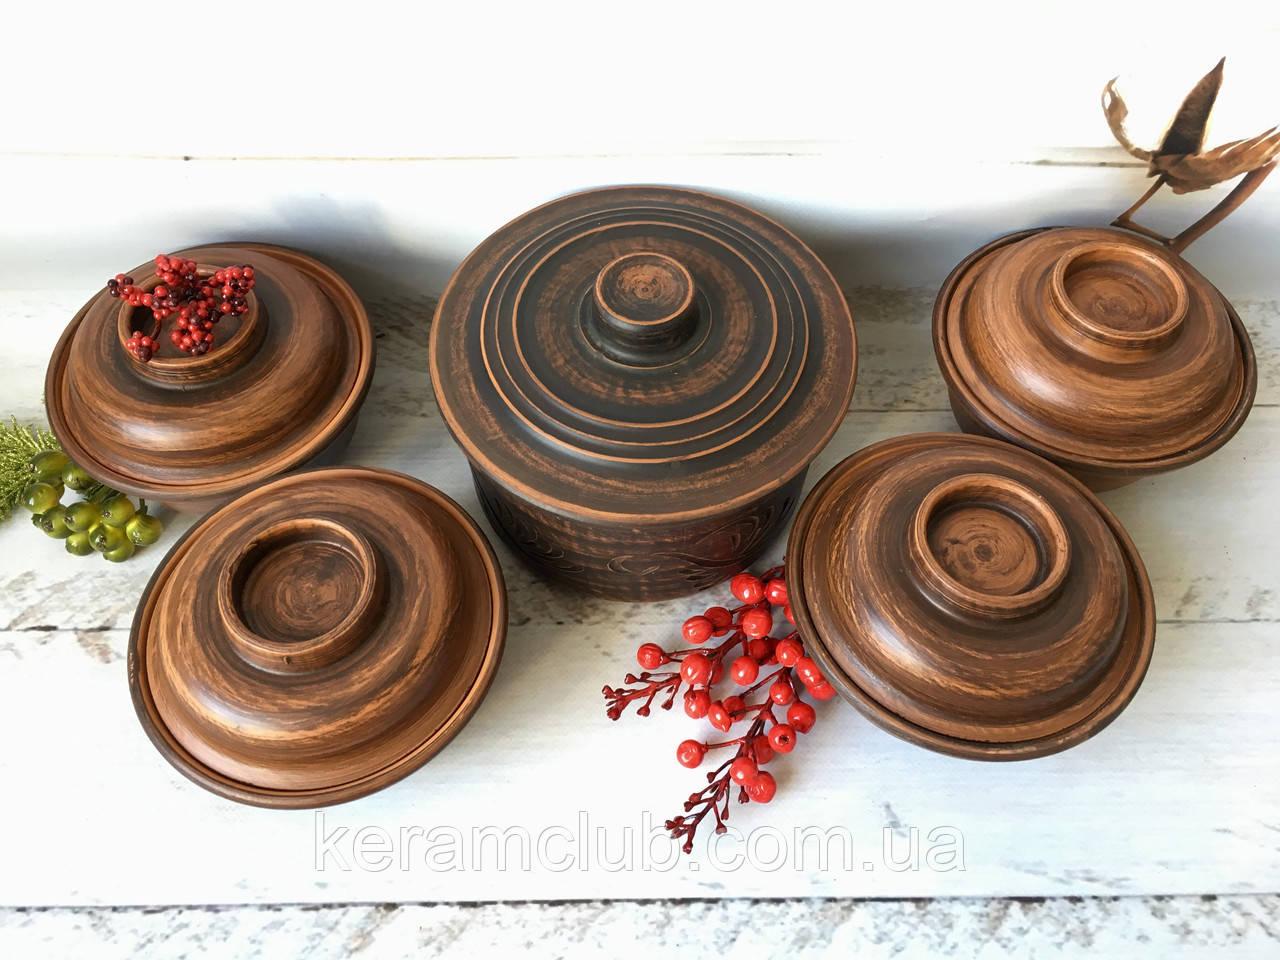 Набор из красной глины для запекания кастрюля 1,7 л и 4 факира 450 мл